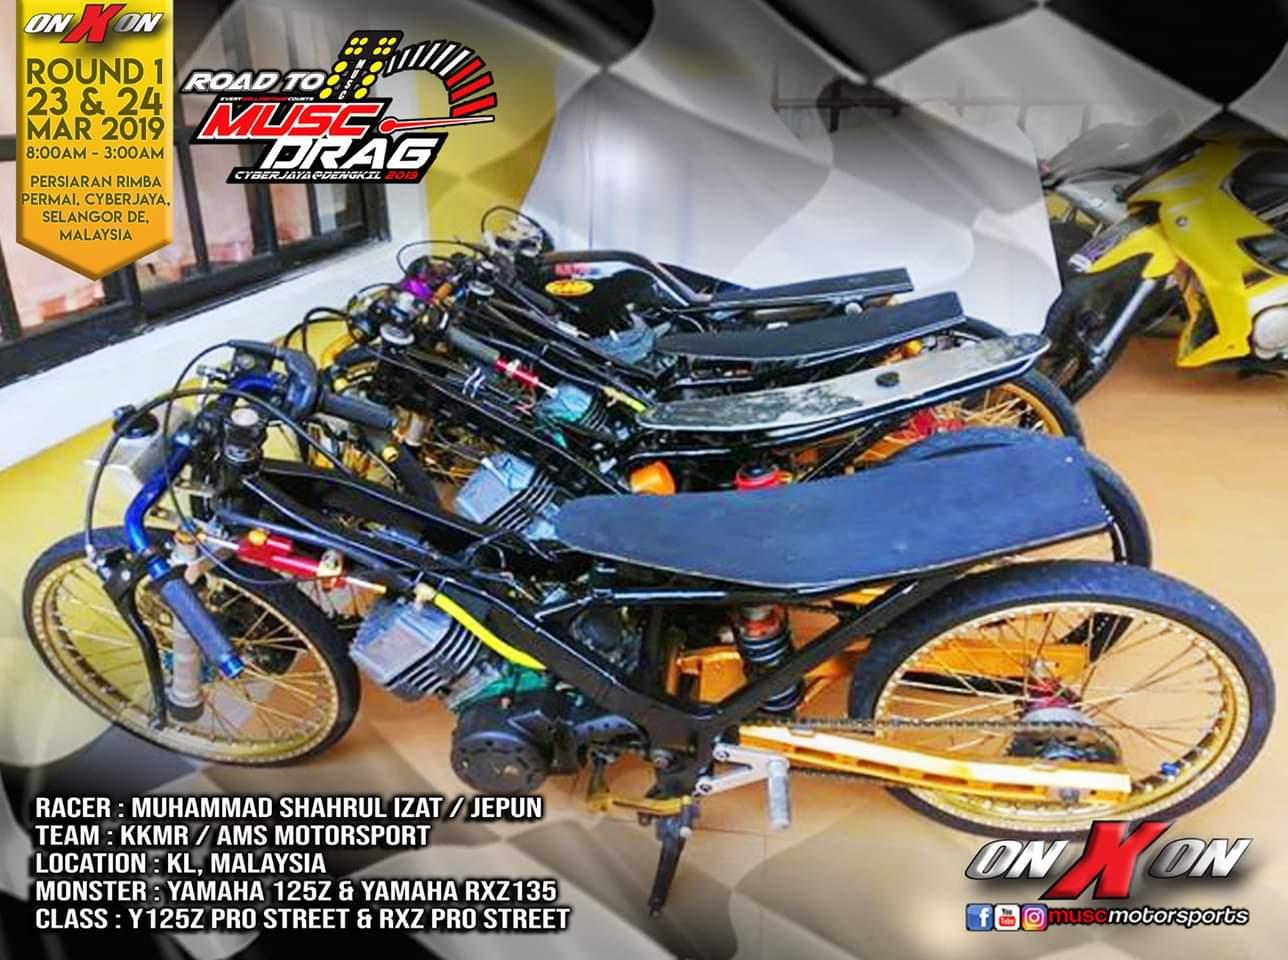 Motor-motor Drag Racing MUSC